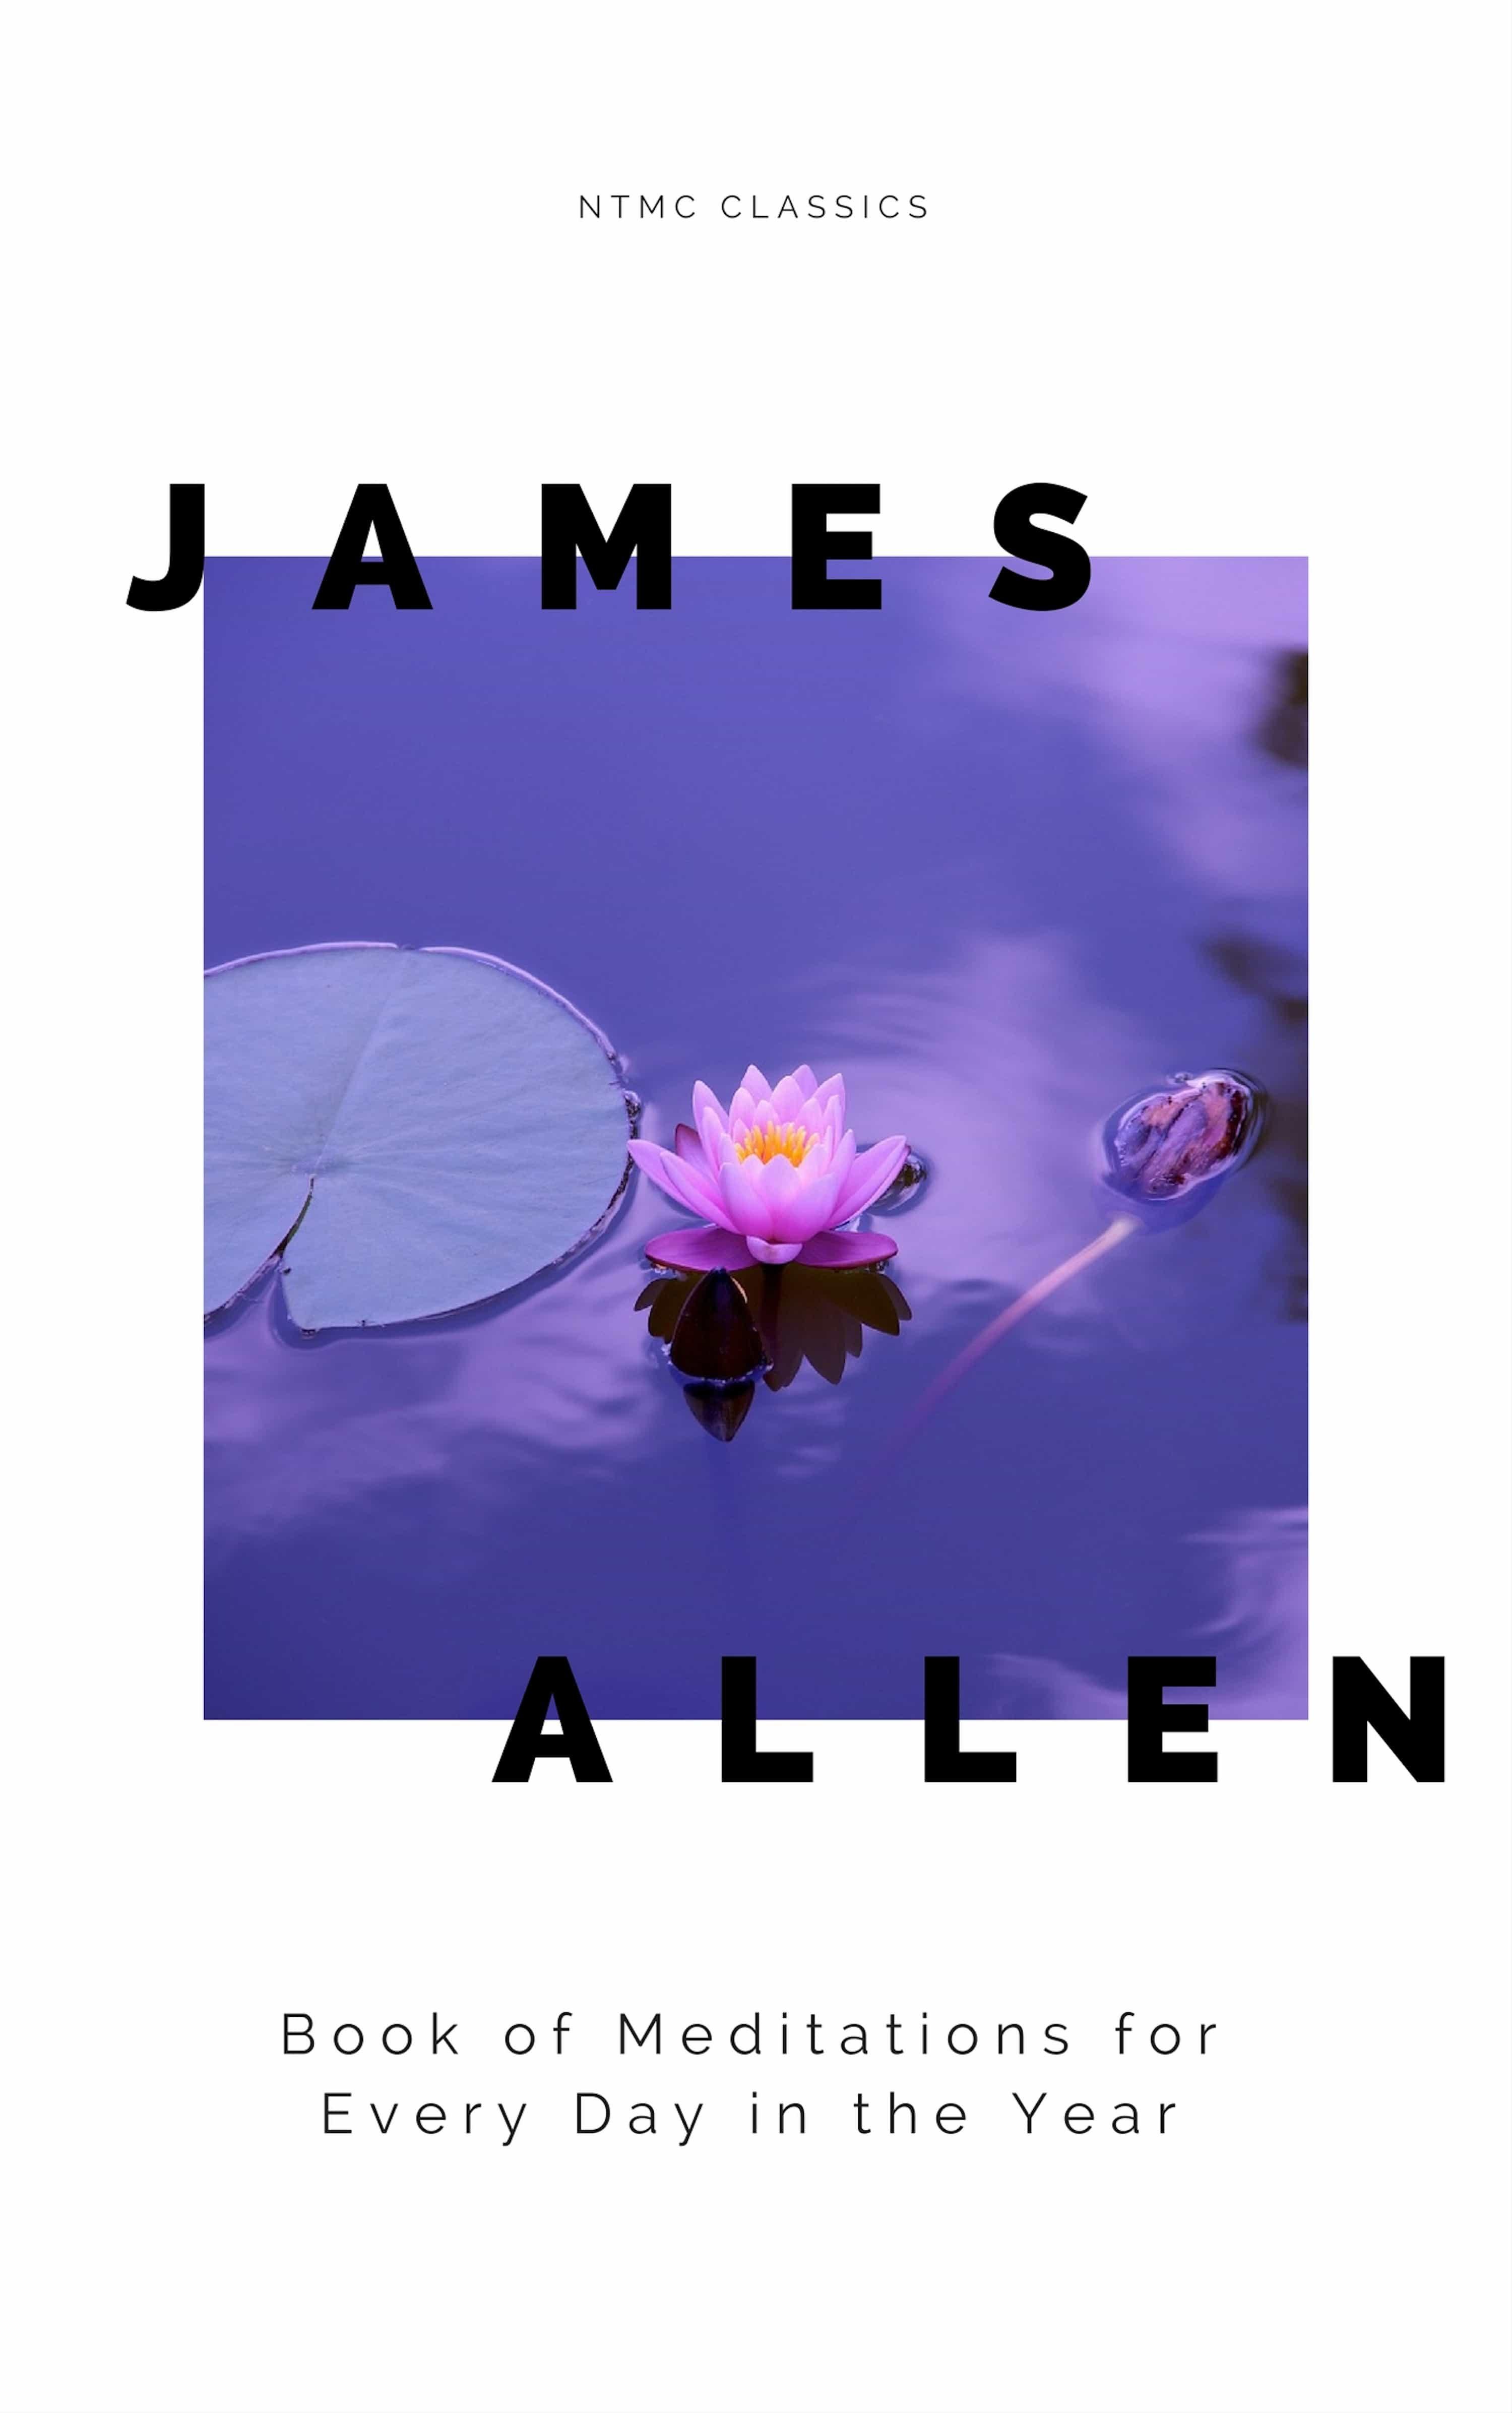 JAMES ALLEN EBOOKS EBOOK DOWNLOAD